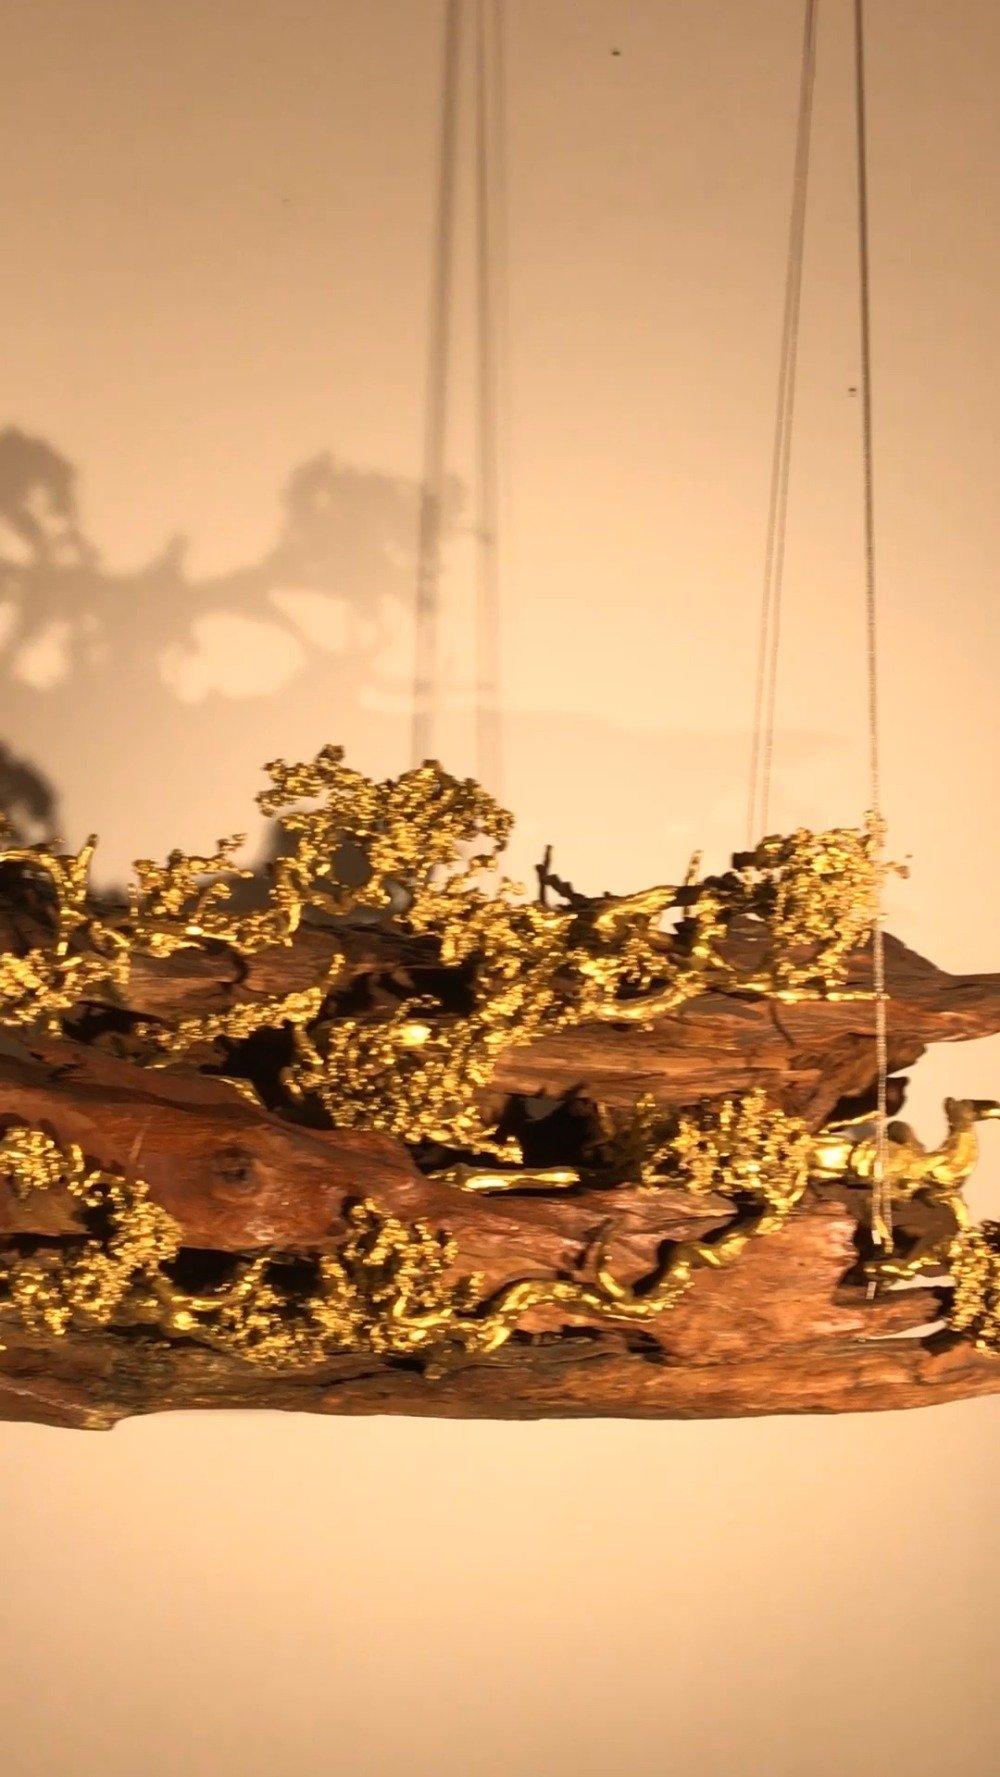 朱炳仁是中国铜雕领域界唯一一位国家级工艺美术大师